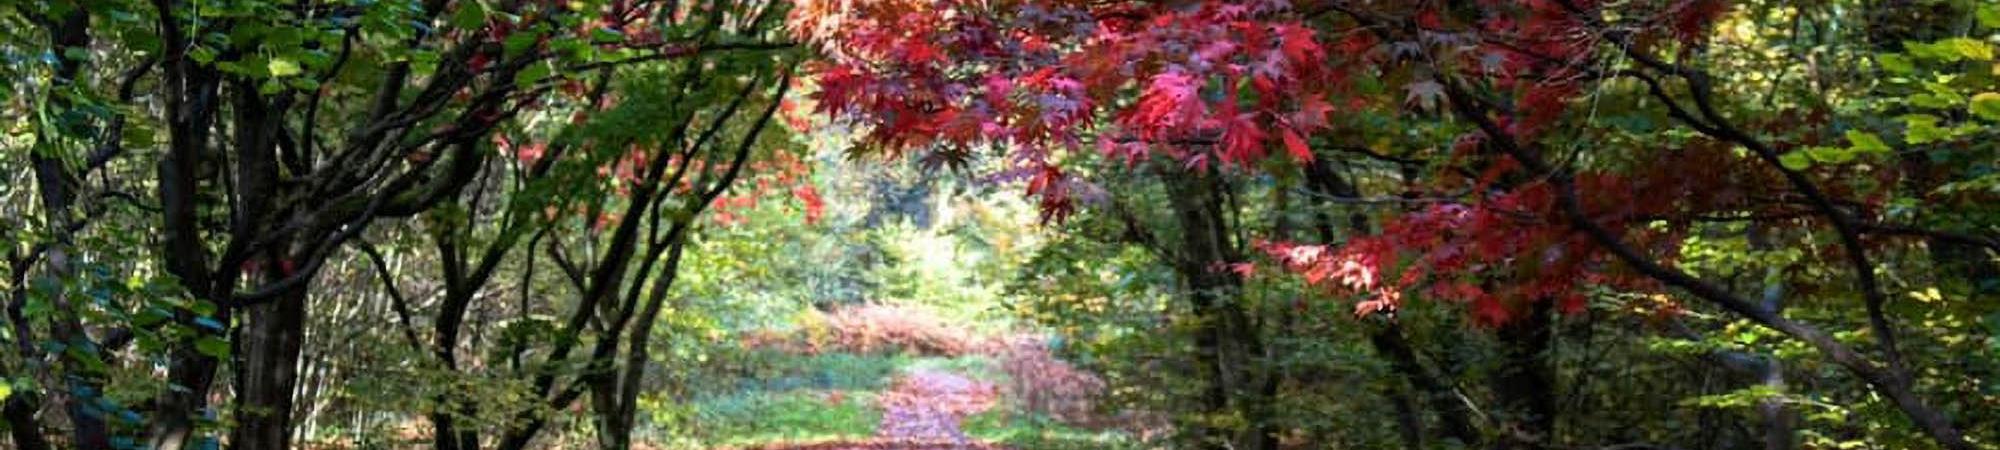 Acer Walk Alice Holt